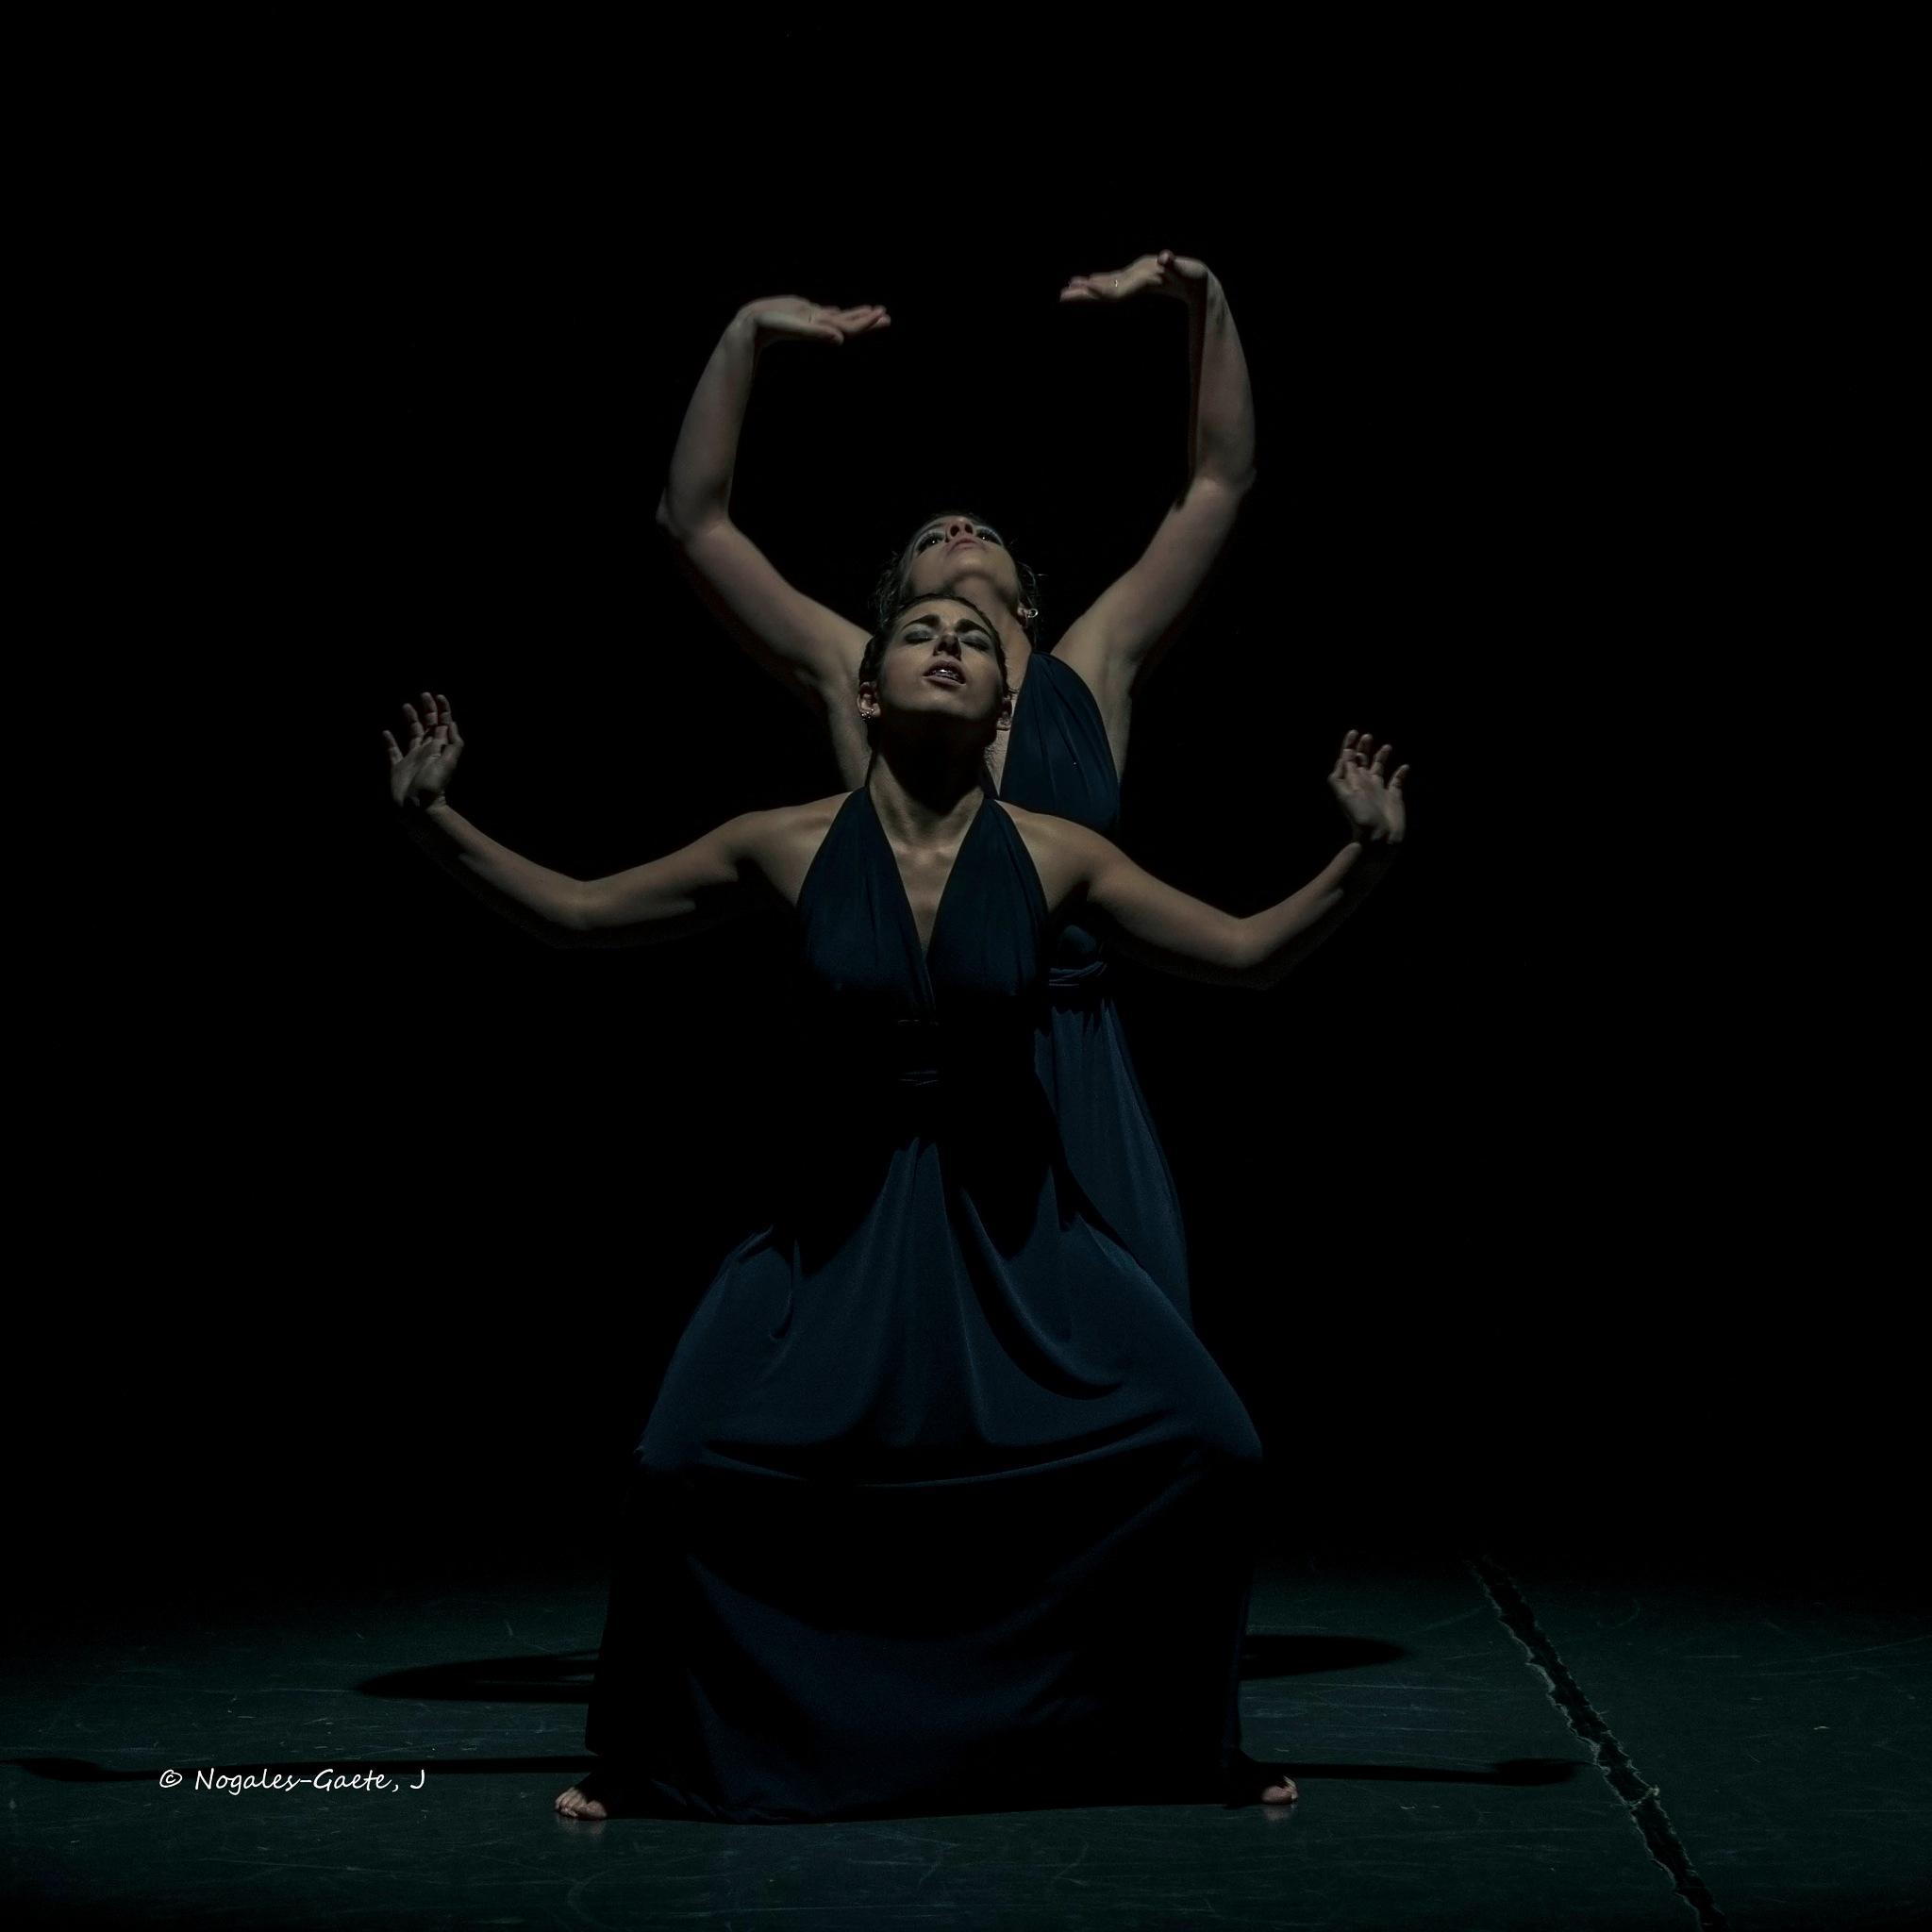 Let´s dance (11) Live by Jorge Nogales